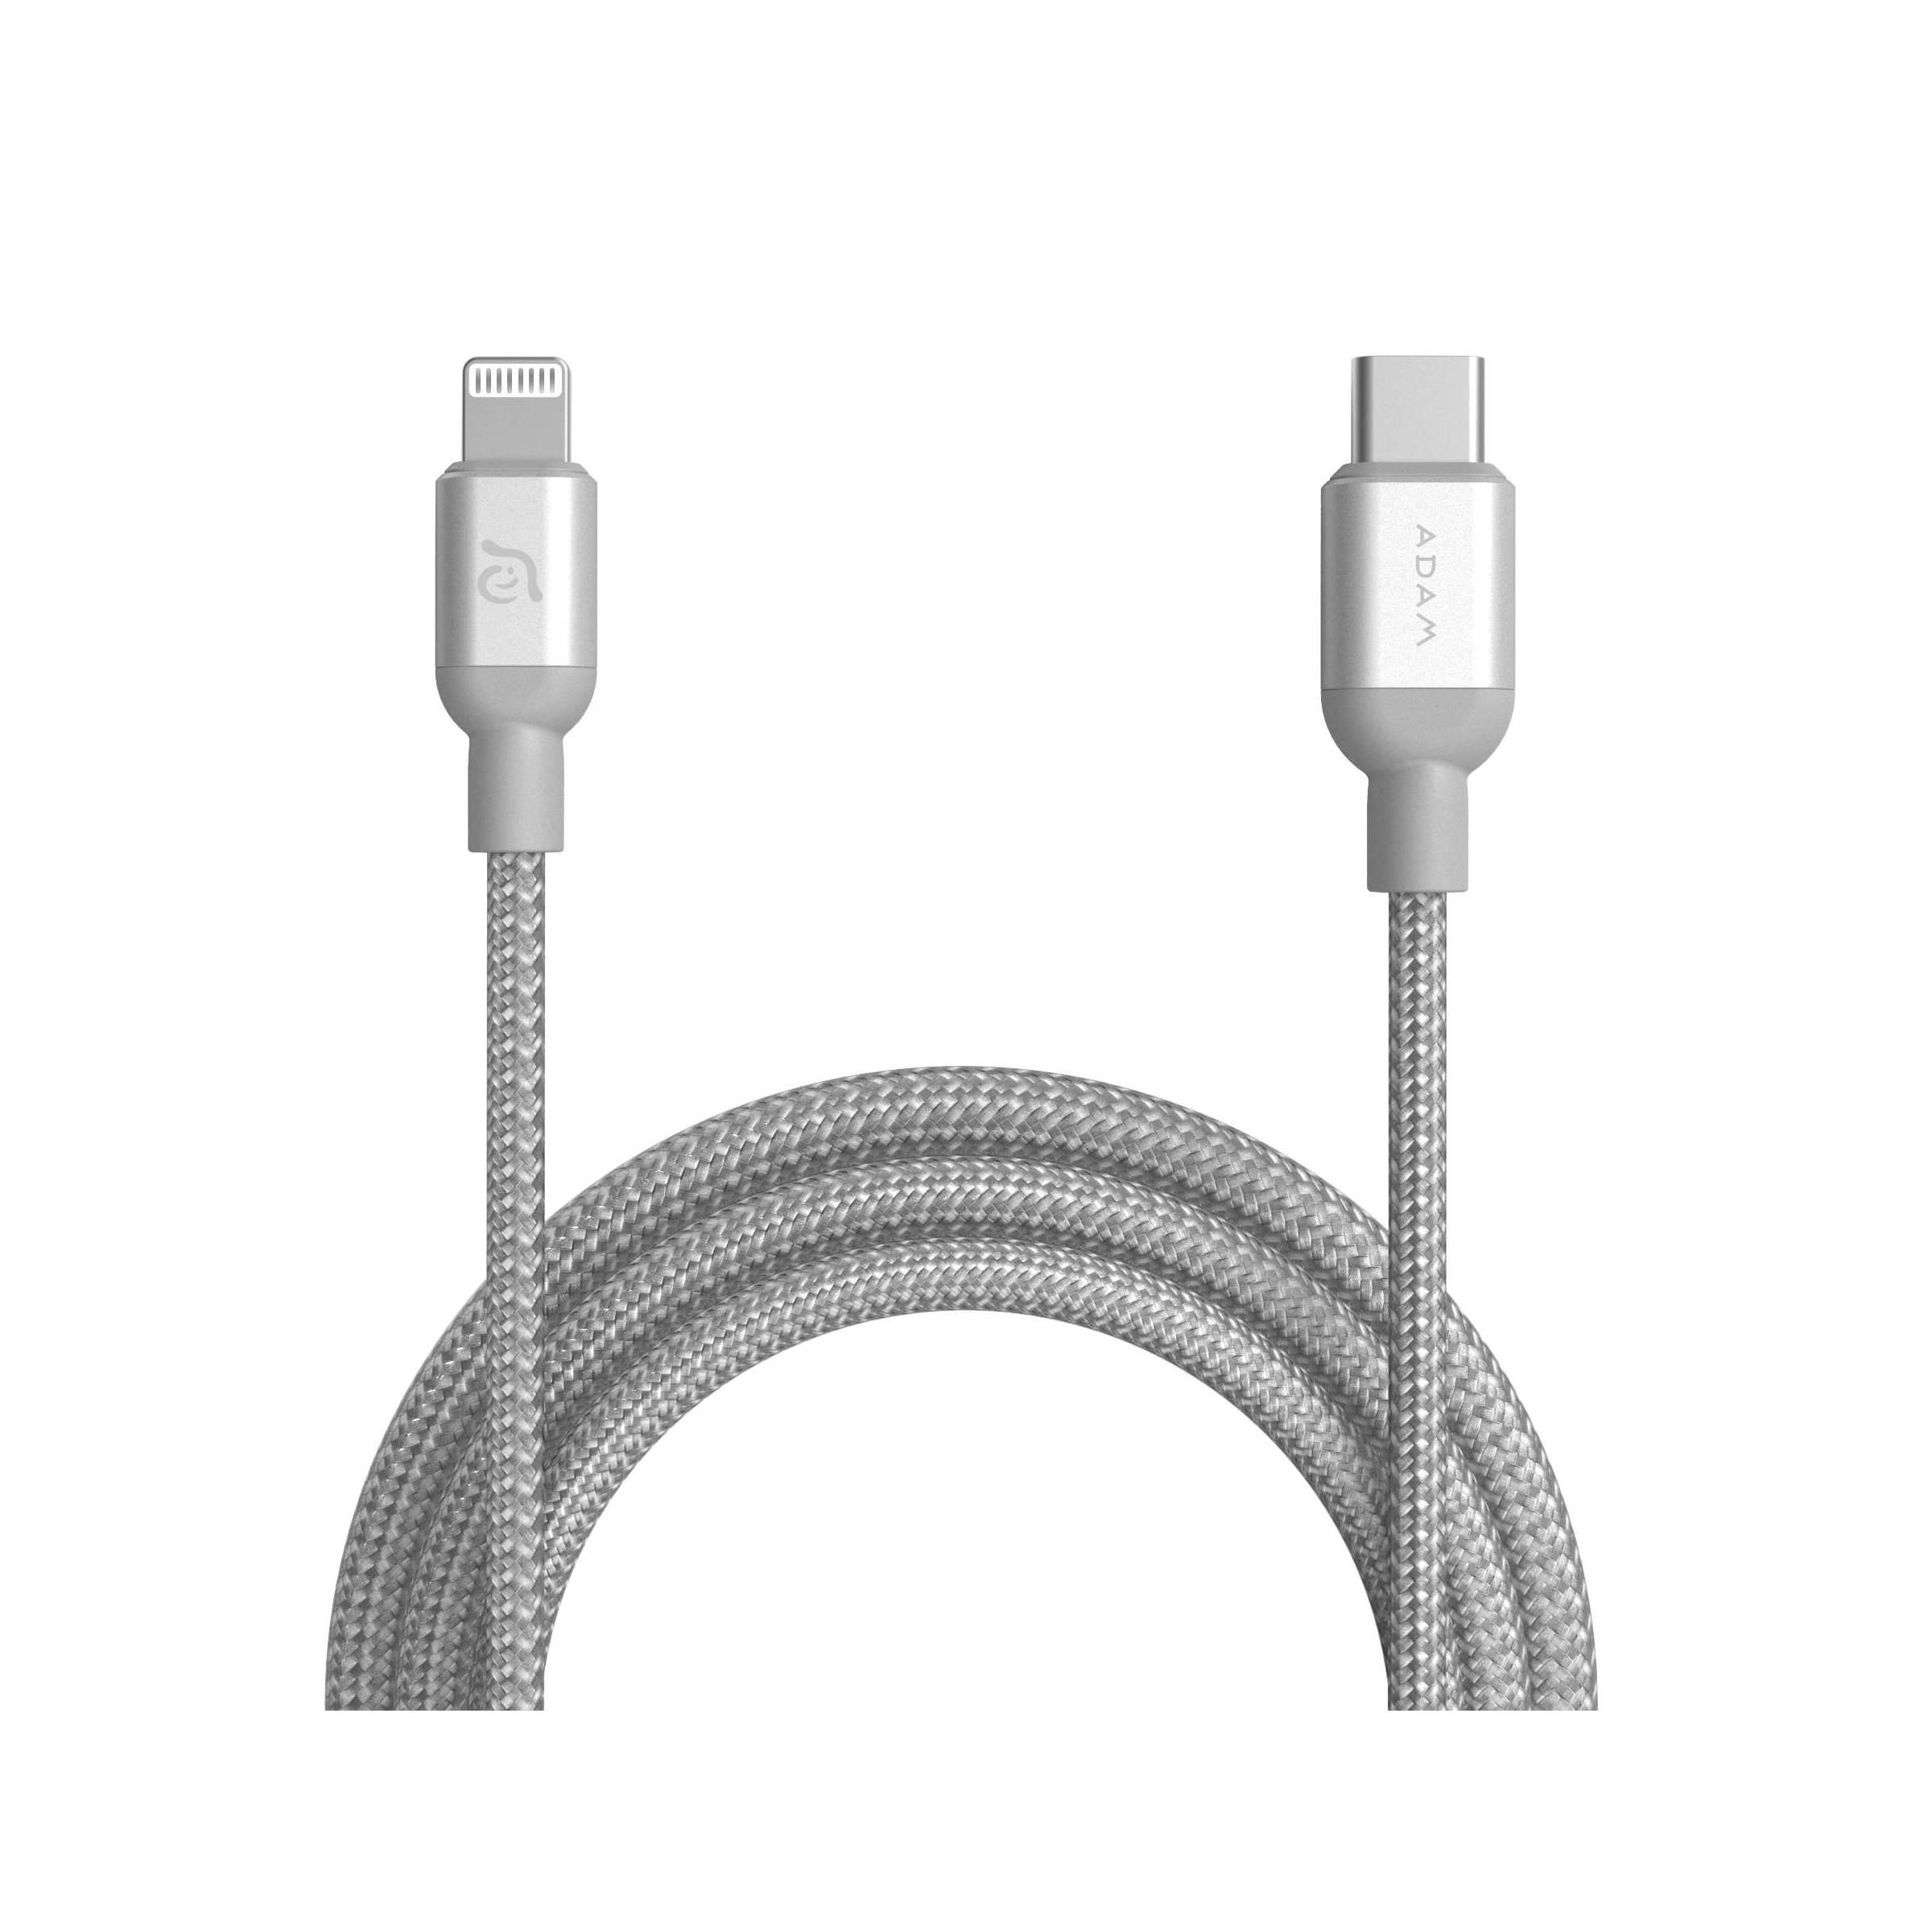 adam elements – Adam elements usb-c til lightning kabel mfi 1,2m sort/sølv farve sølv farve fra mackabler.dk